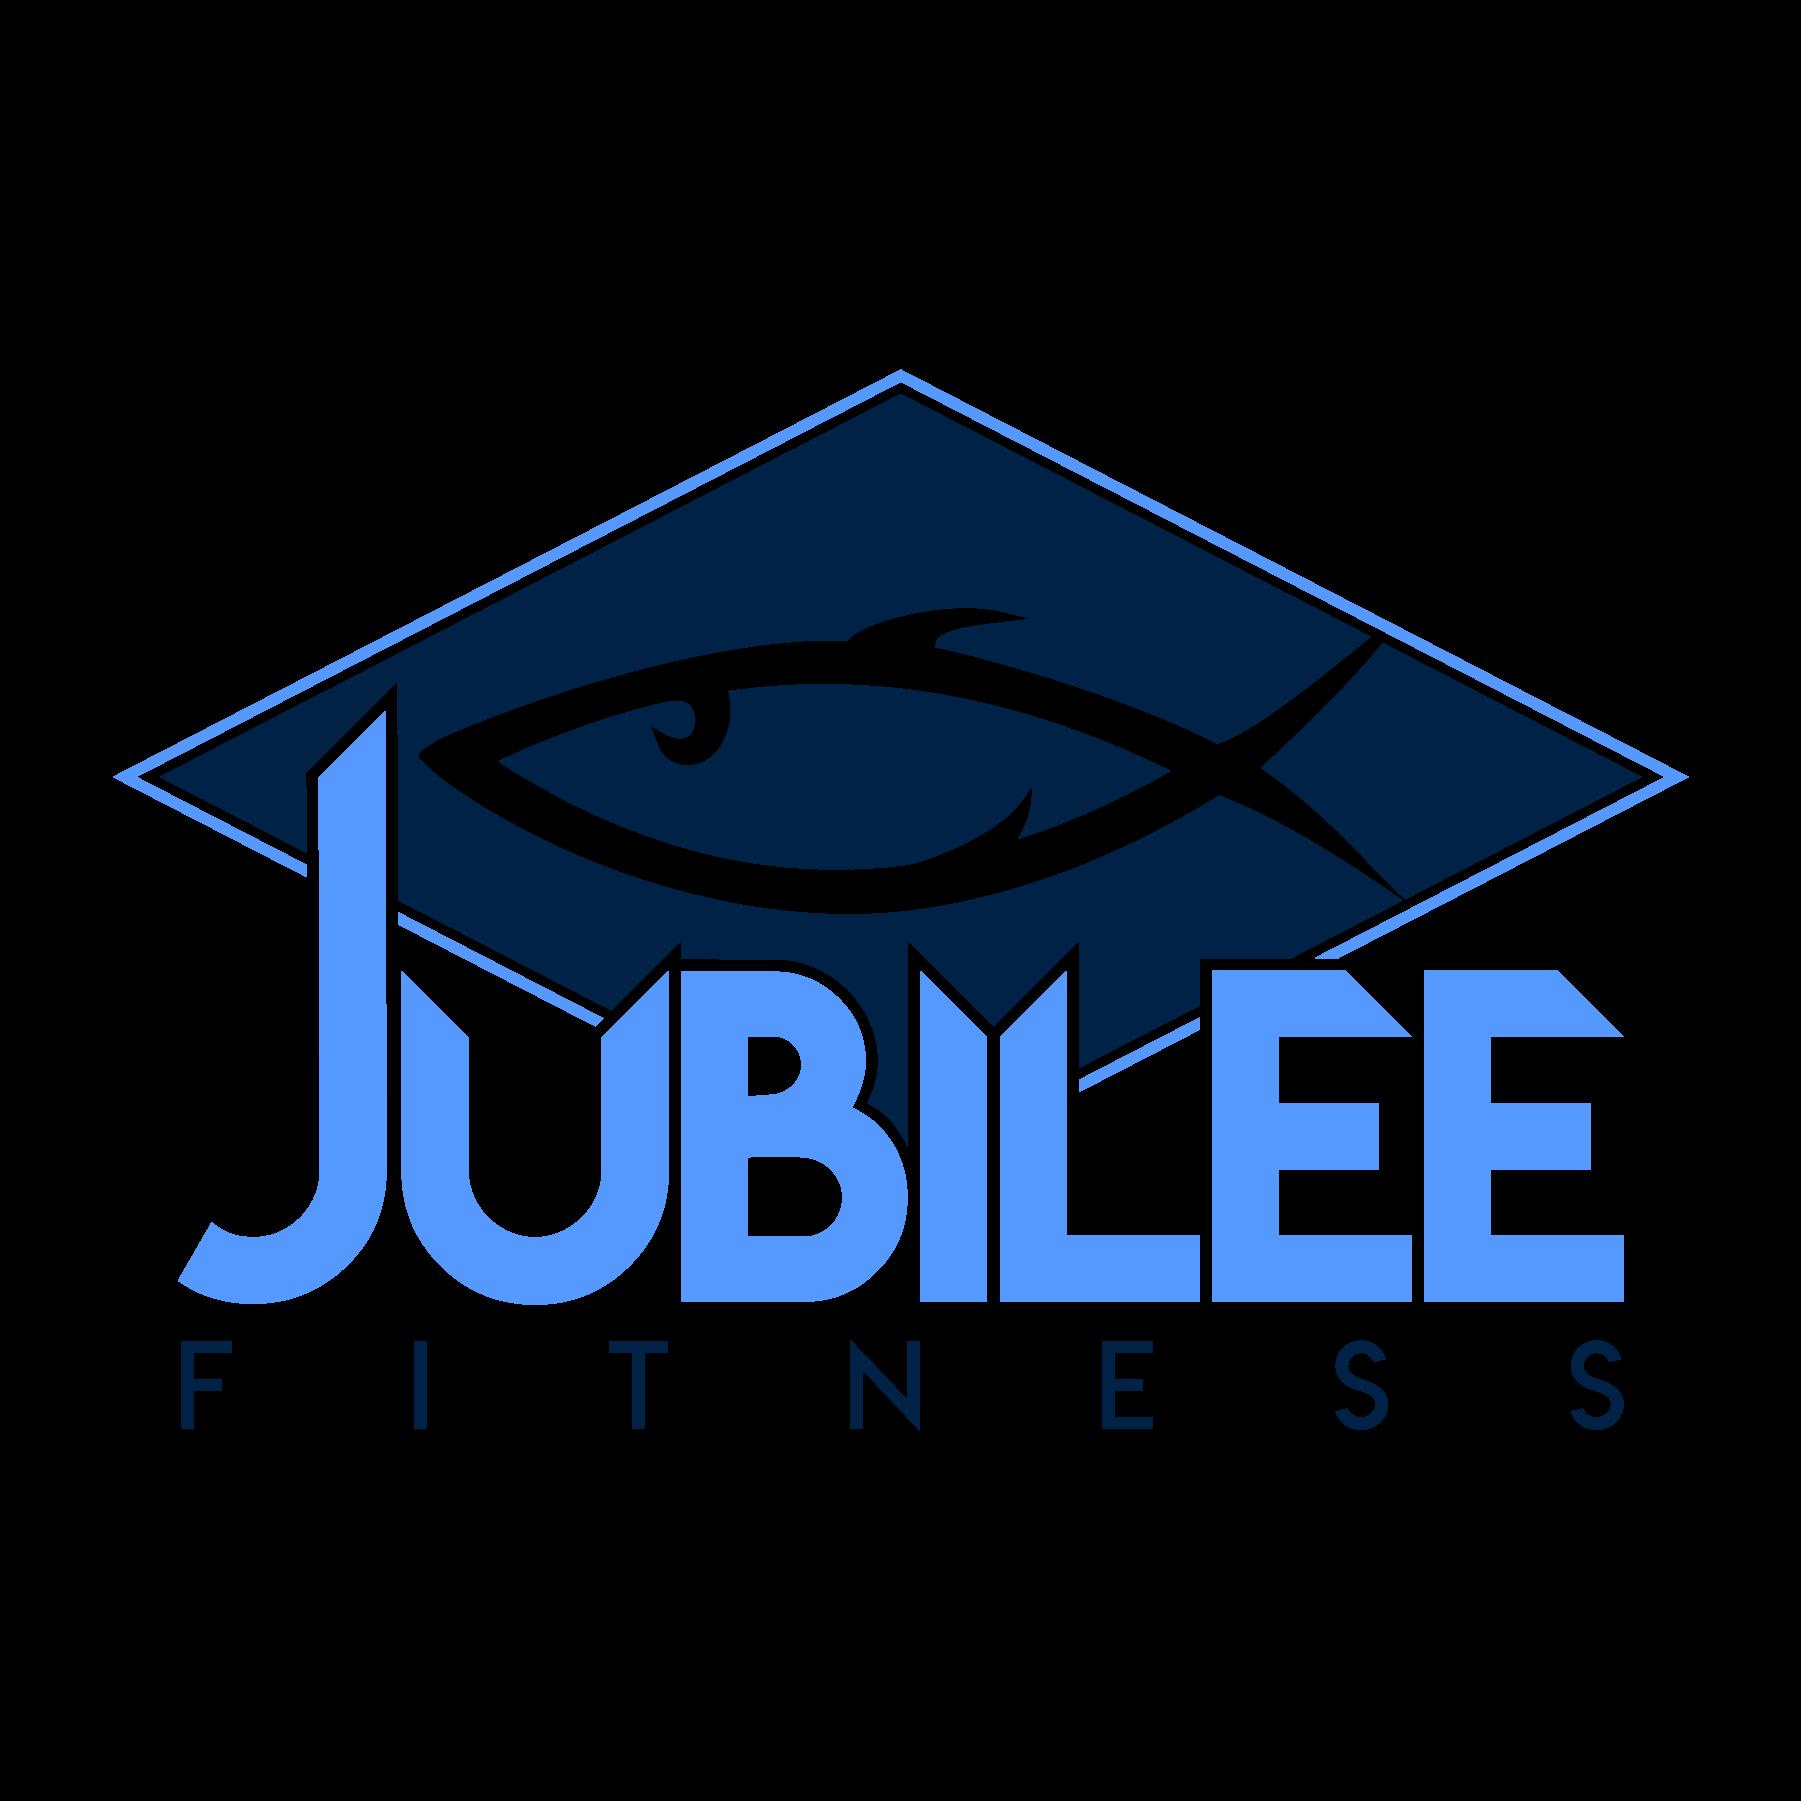 Jubilee Fitness & Nutrition logo